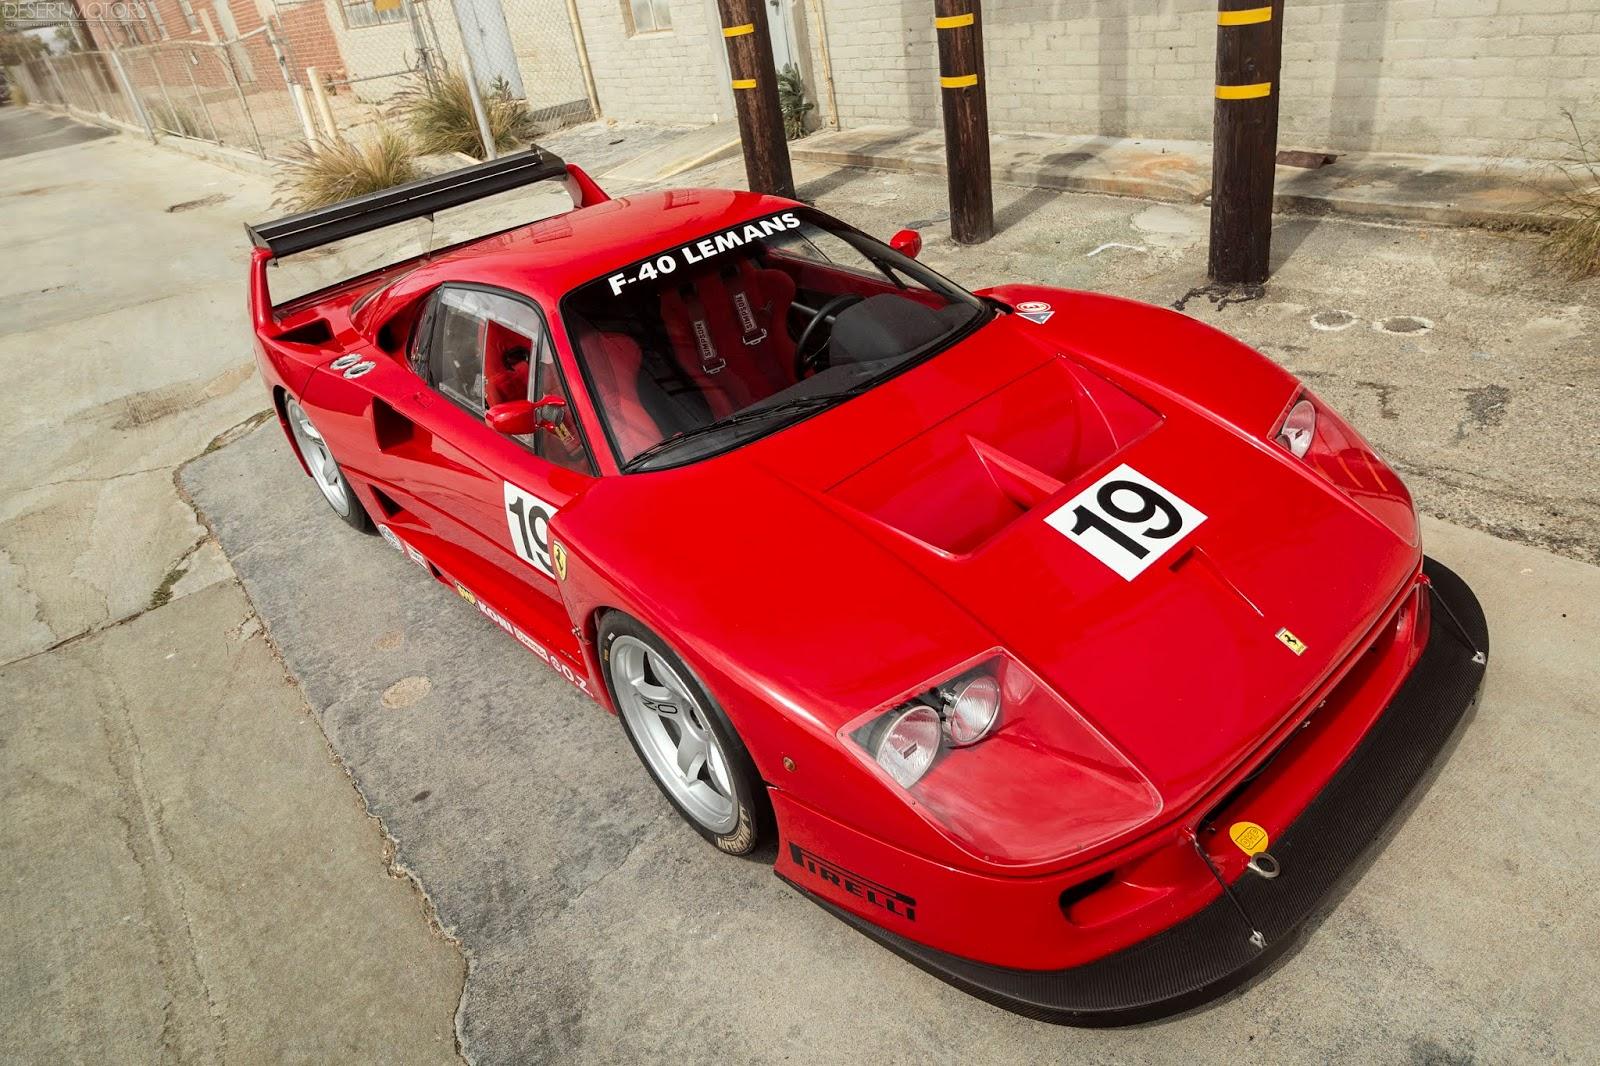 30107363602 f13f606e1f o F40. O μύθος, ο θρύλος F40, Ferrari, Ferrari F40, retrocar, retrocar sunday, zblog